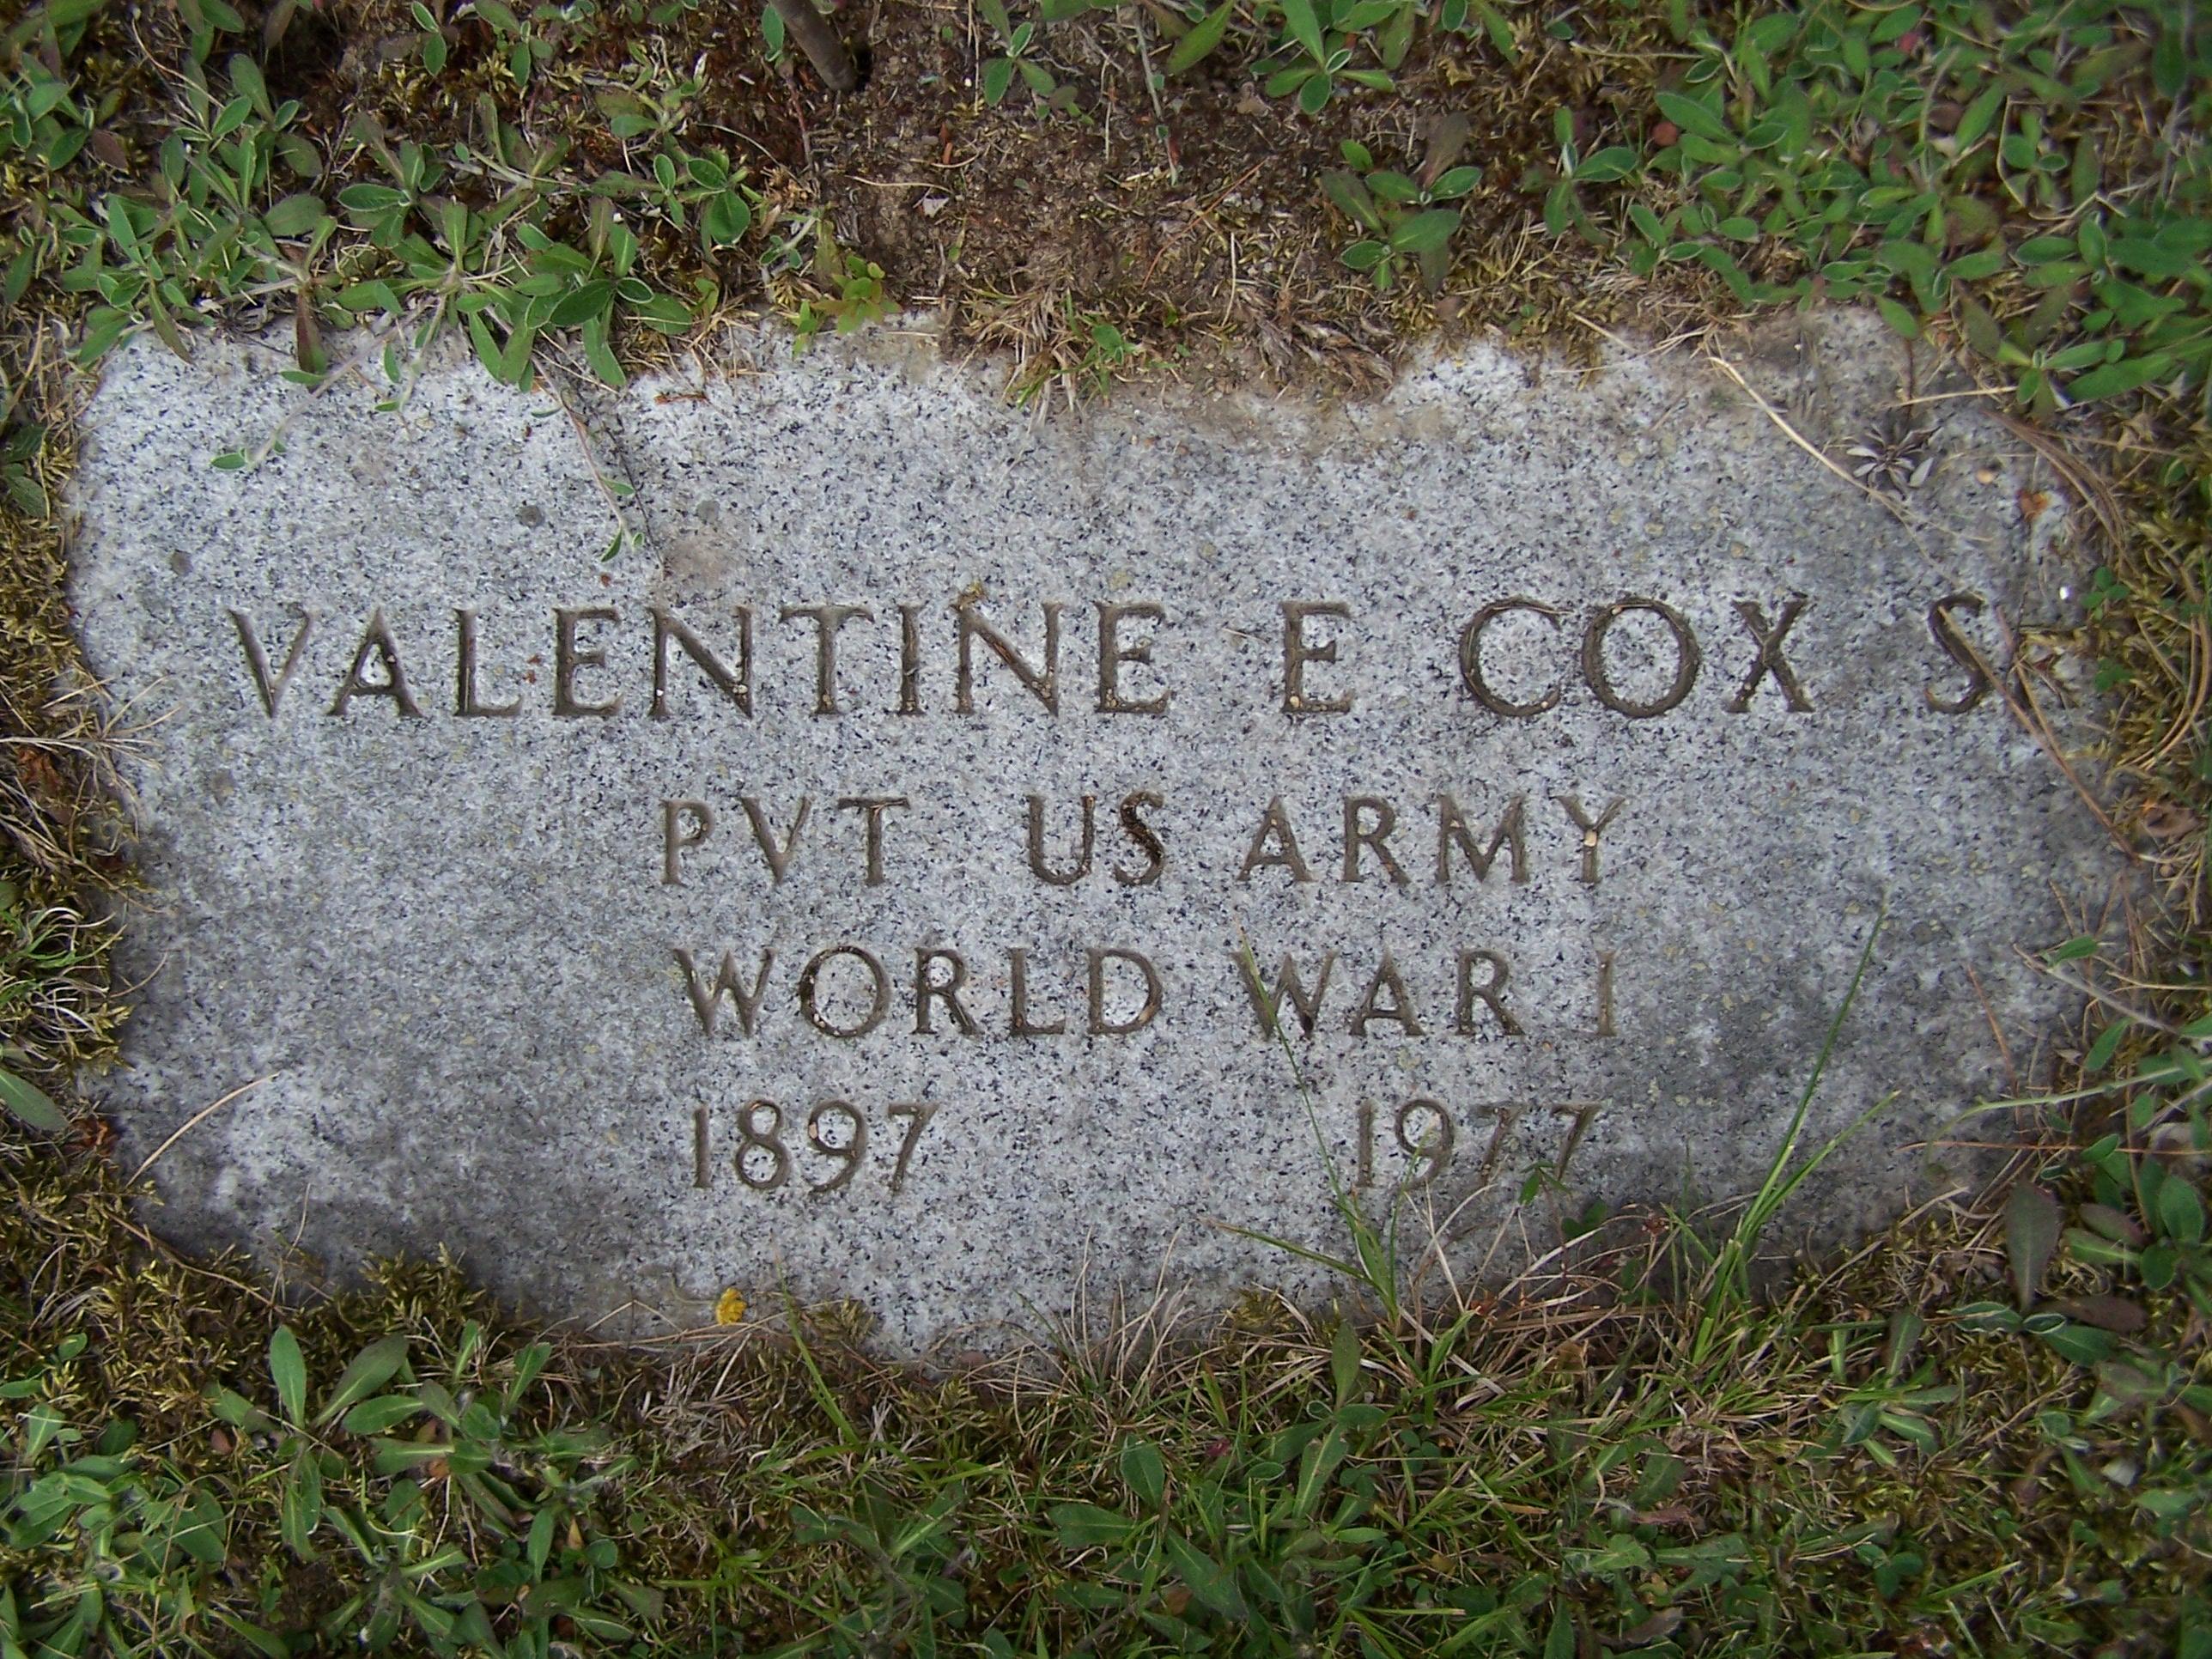 Valentine Emerson Cox, Sr